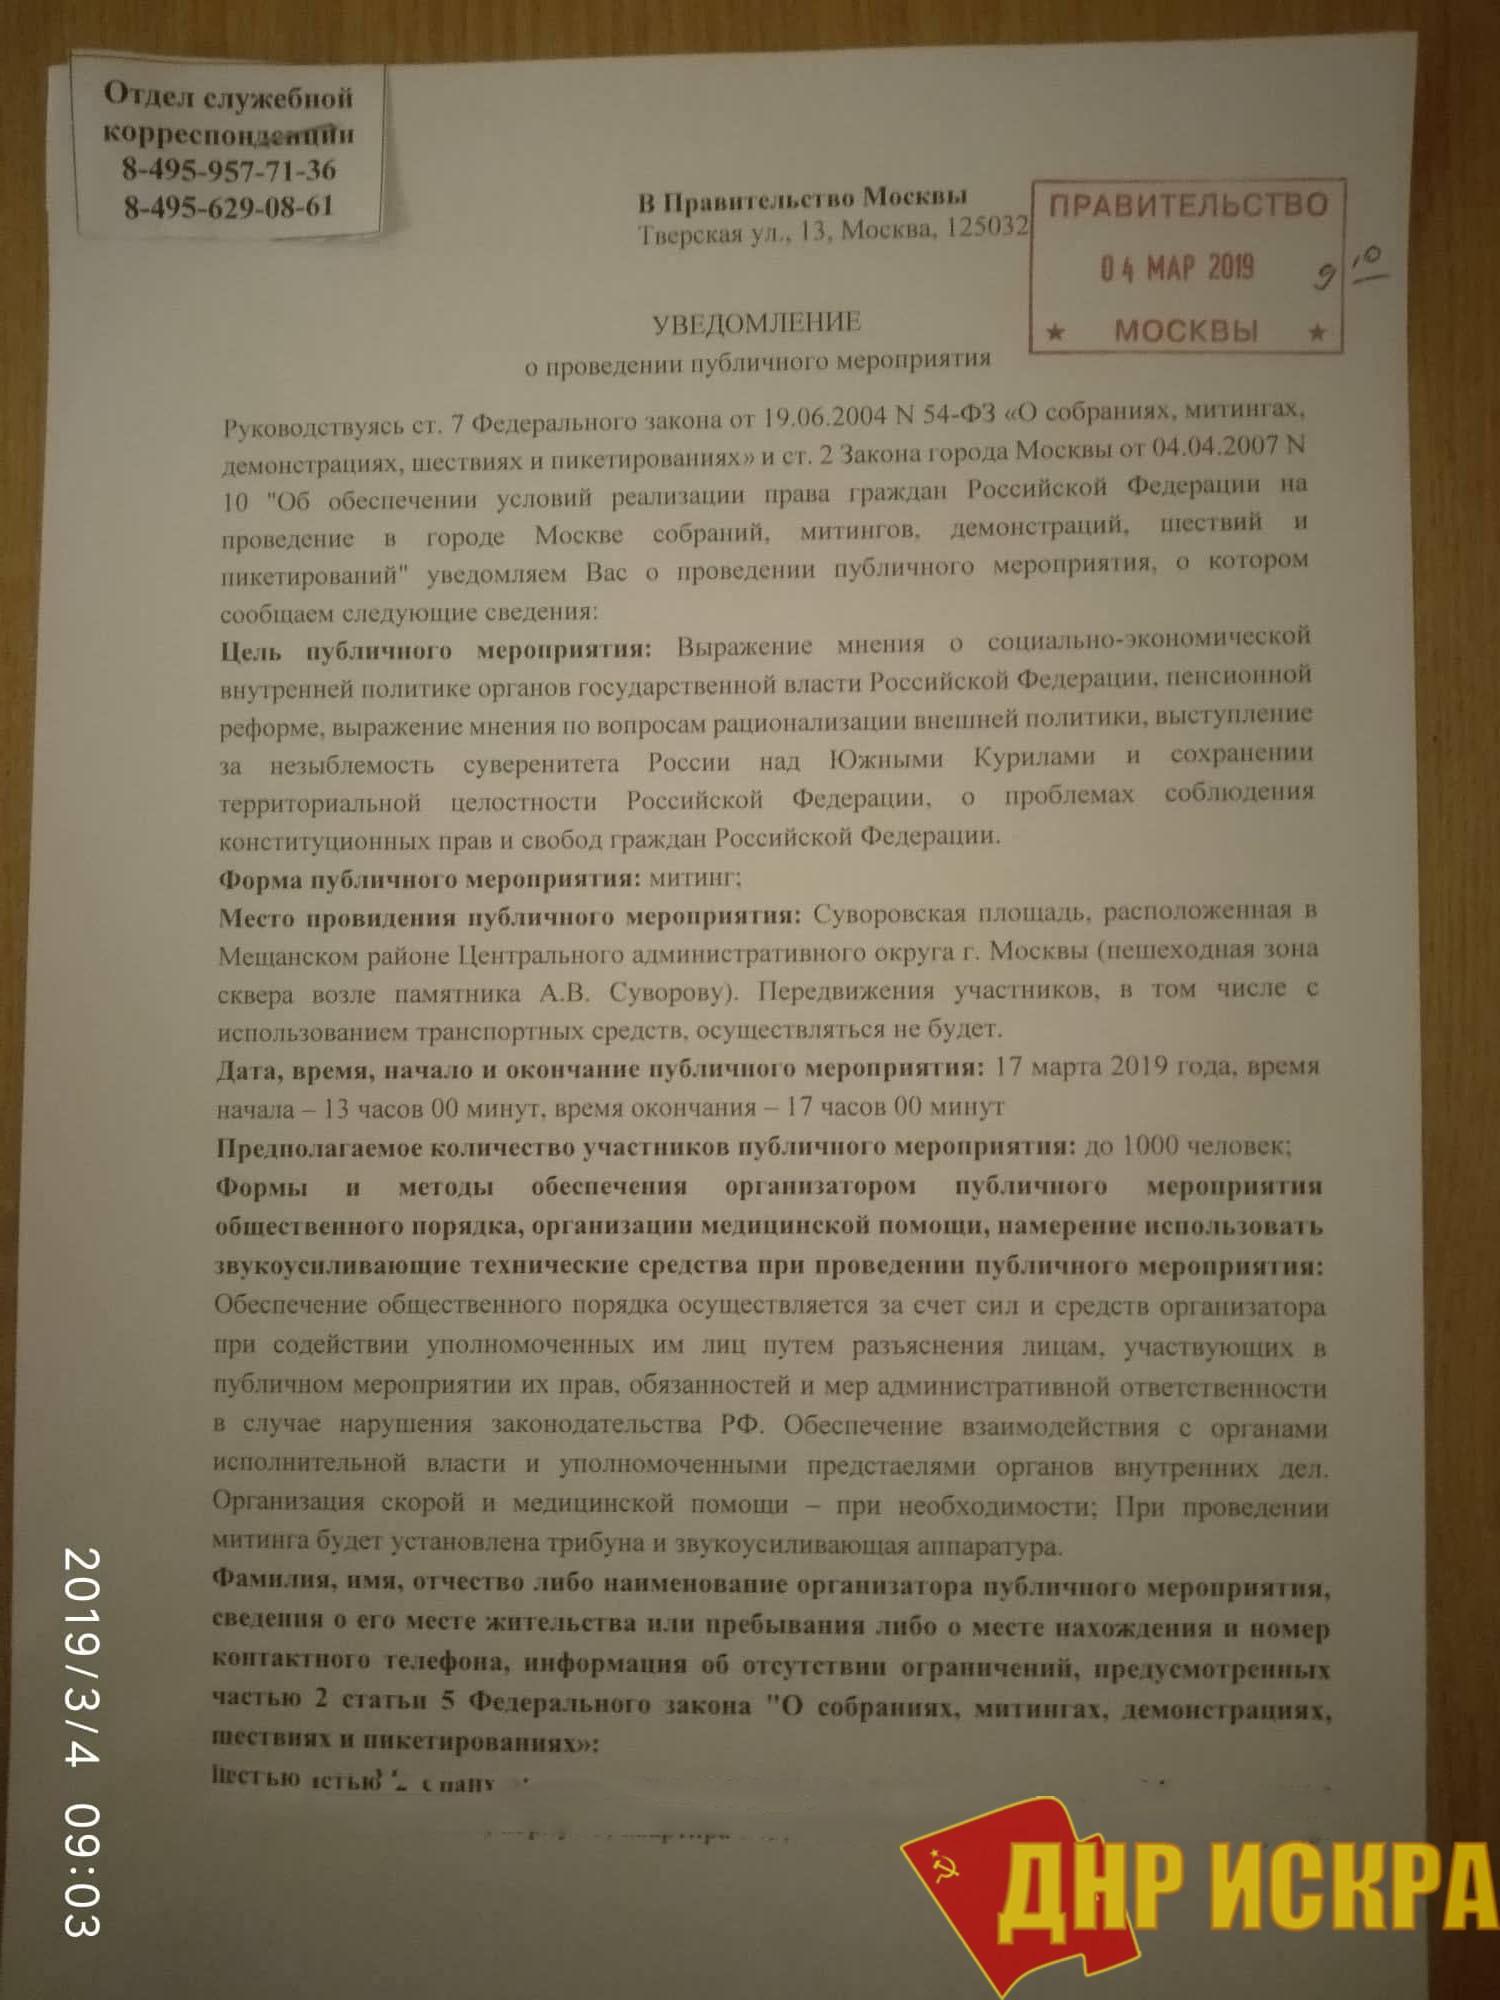 Подано уведомление о проведении 17 марта митинга «За Россию, справедливость, новый курс!»